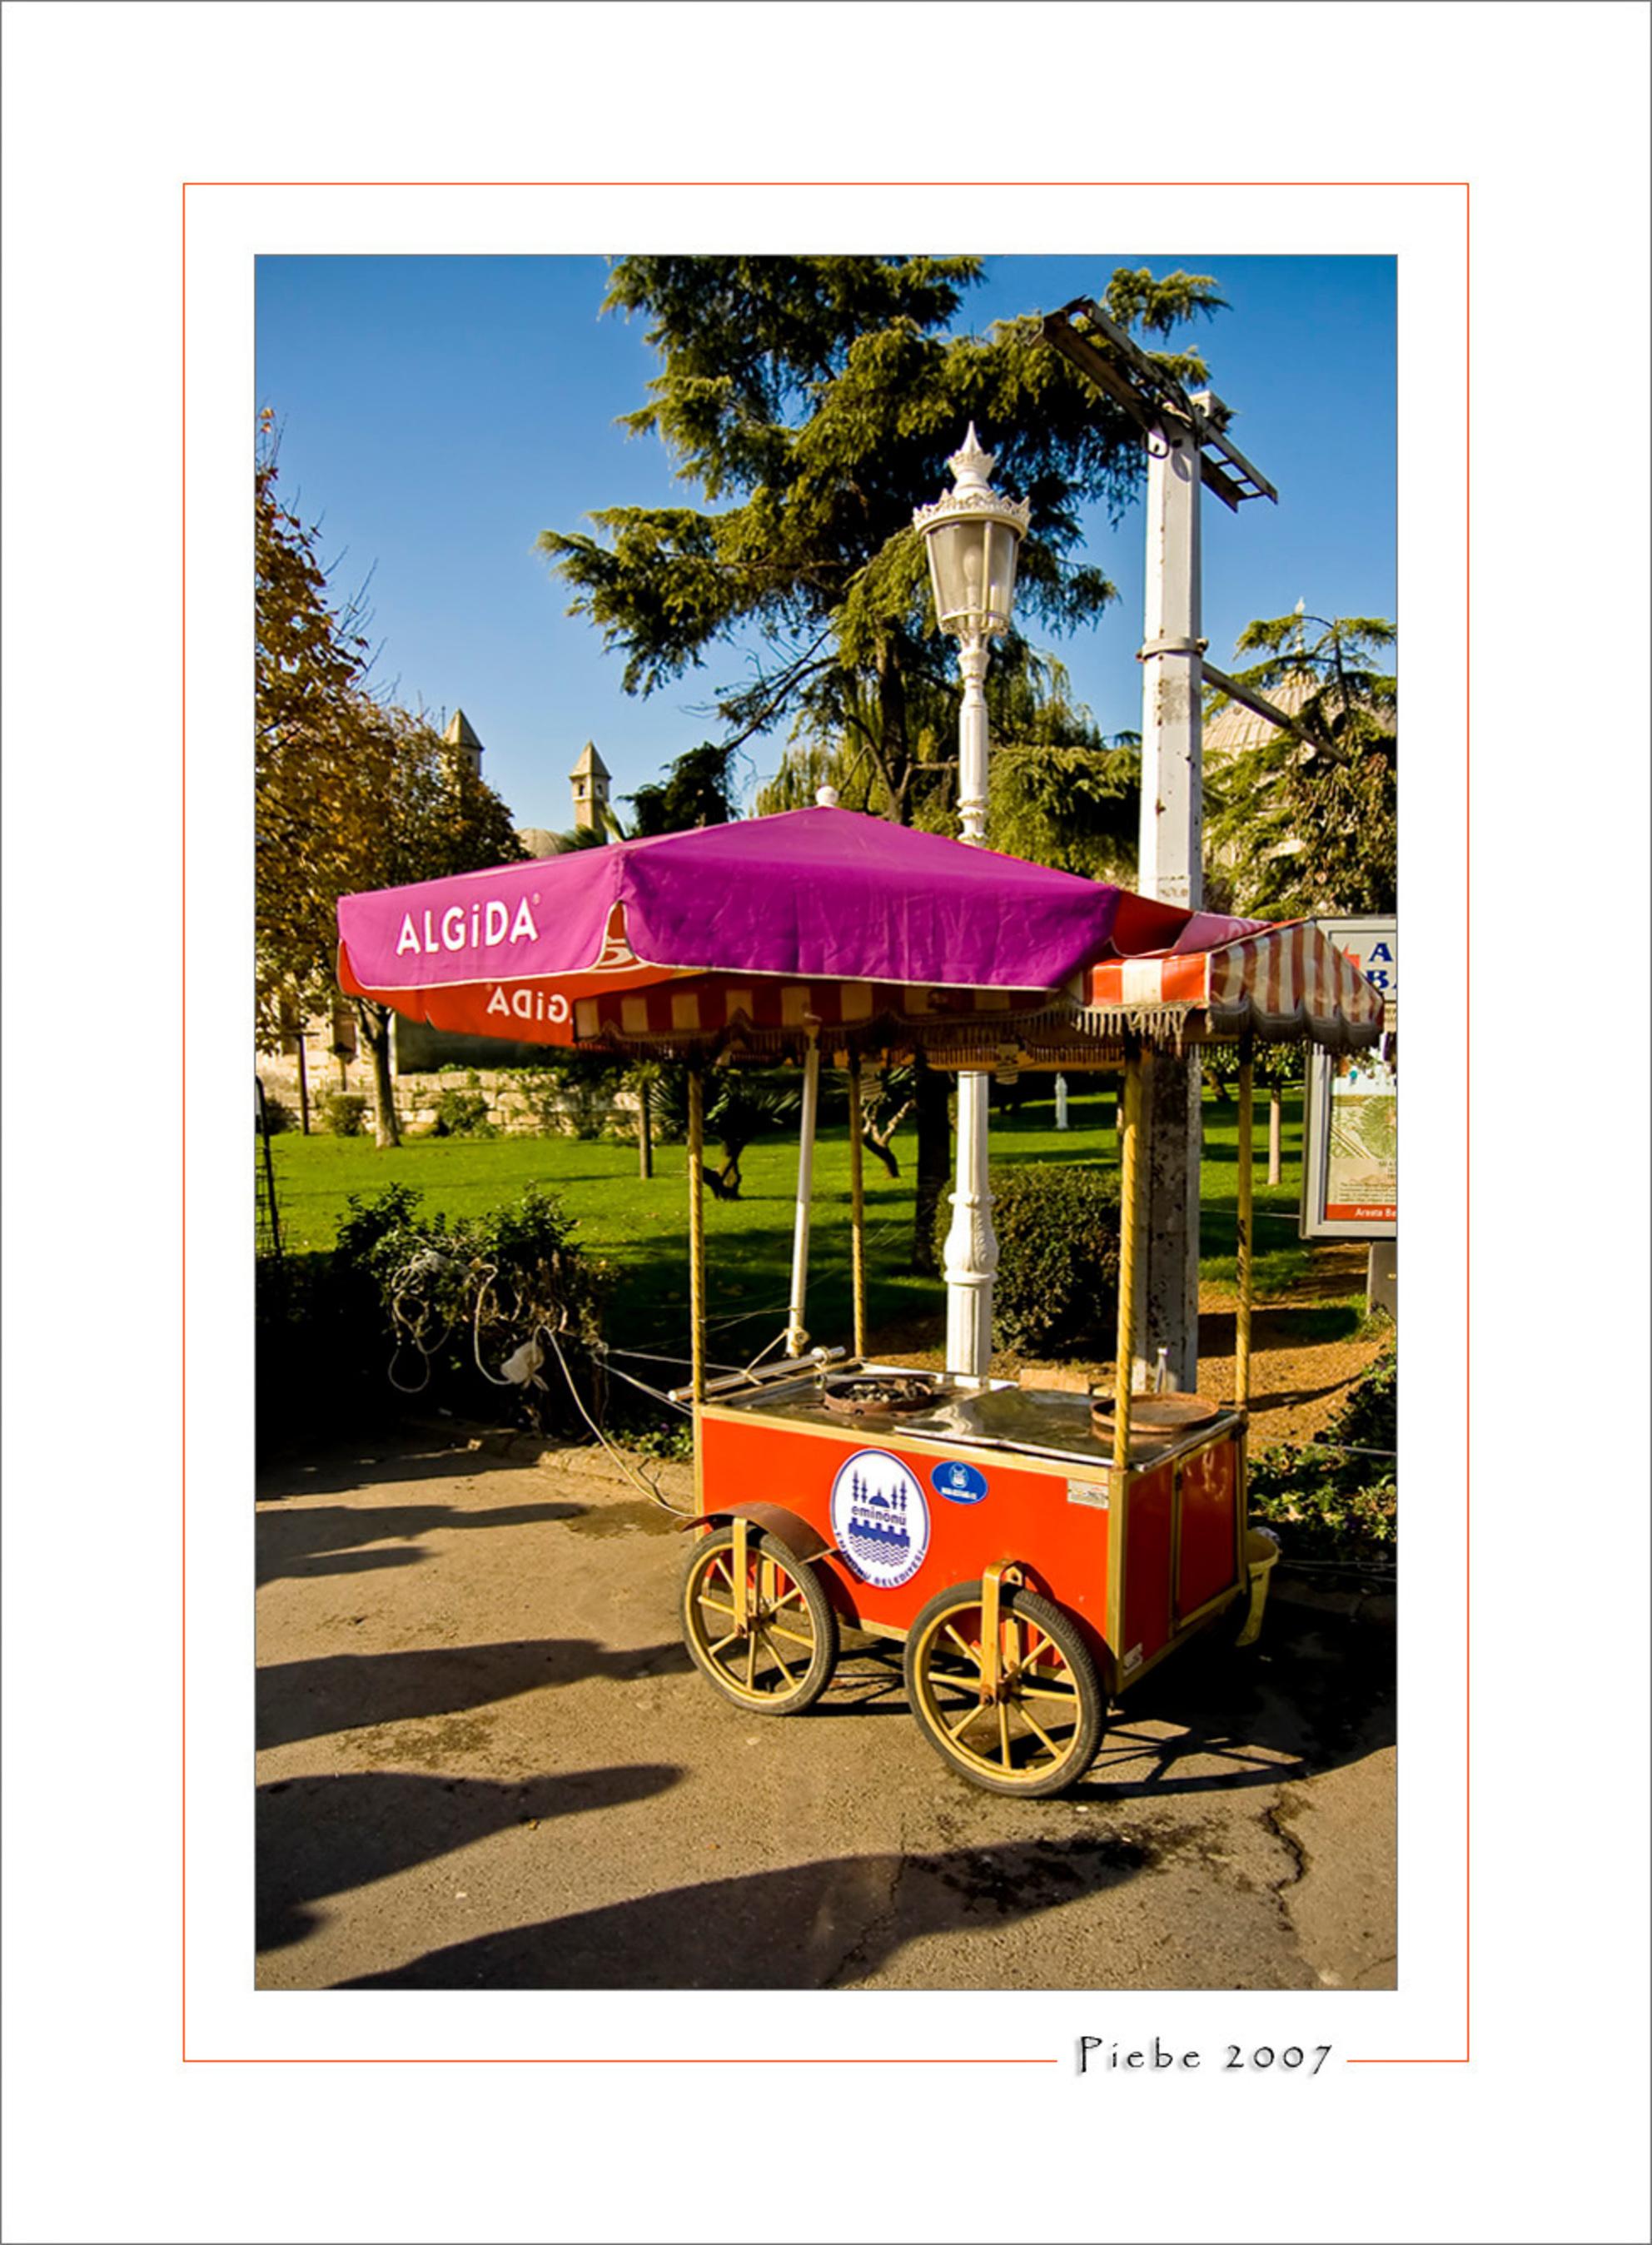 Gepofte kastanjes - Deze karrejtes kwam je overal in Istanboel tegen. Ze hadden wat houtskool en legden daar kastanjes op die aan een kant waren open gesneden. Op deze m - foto door Piebe op 30-11-2007 - deze foto bevat: straat, karretje, istanboel, gepofte, kastansjes - Deze foto mag gebruikt worden in een Zoom.nl publicatie